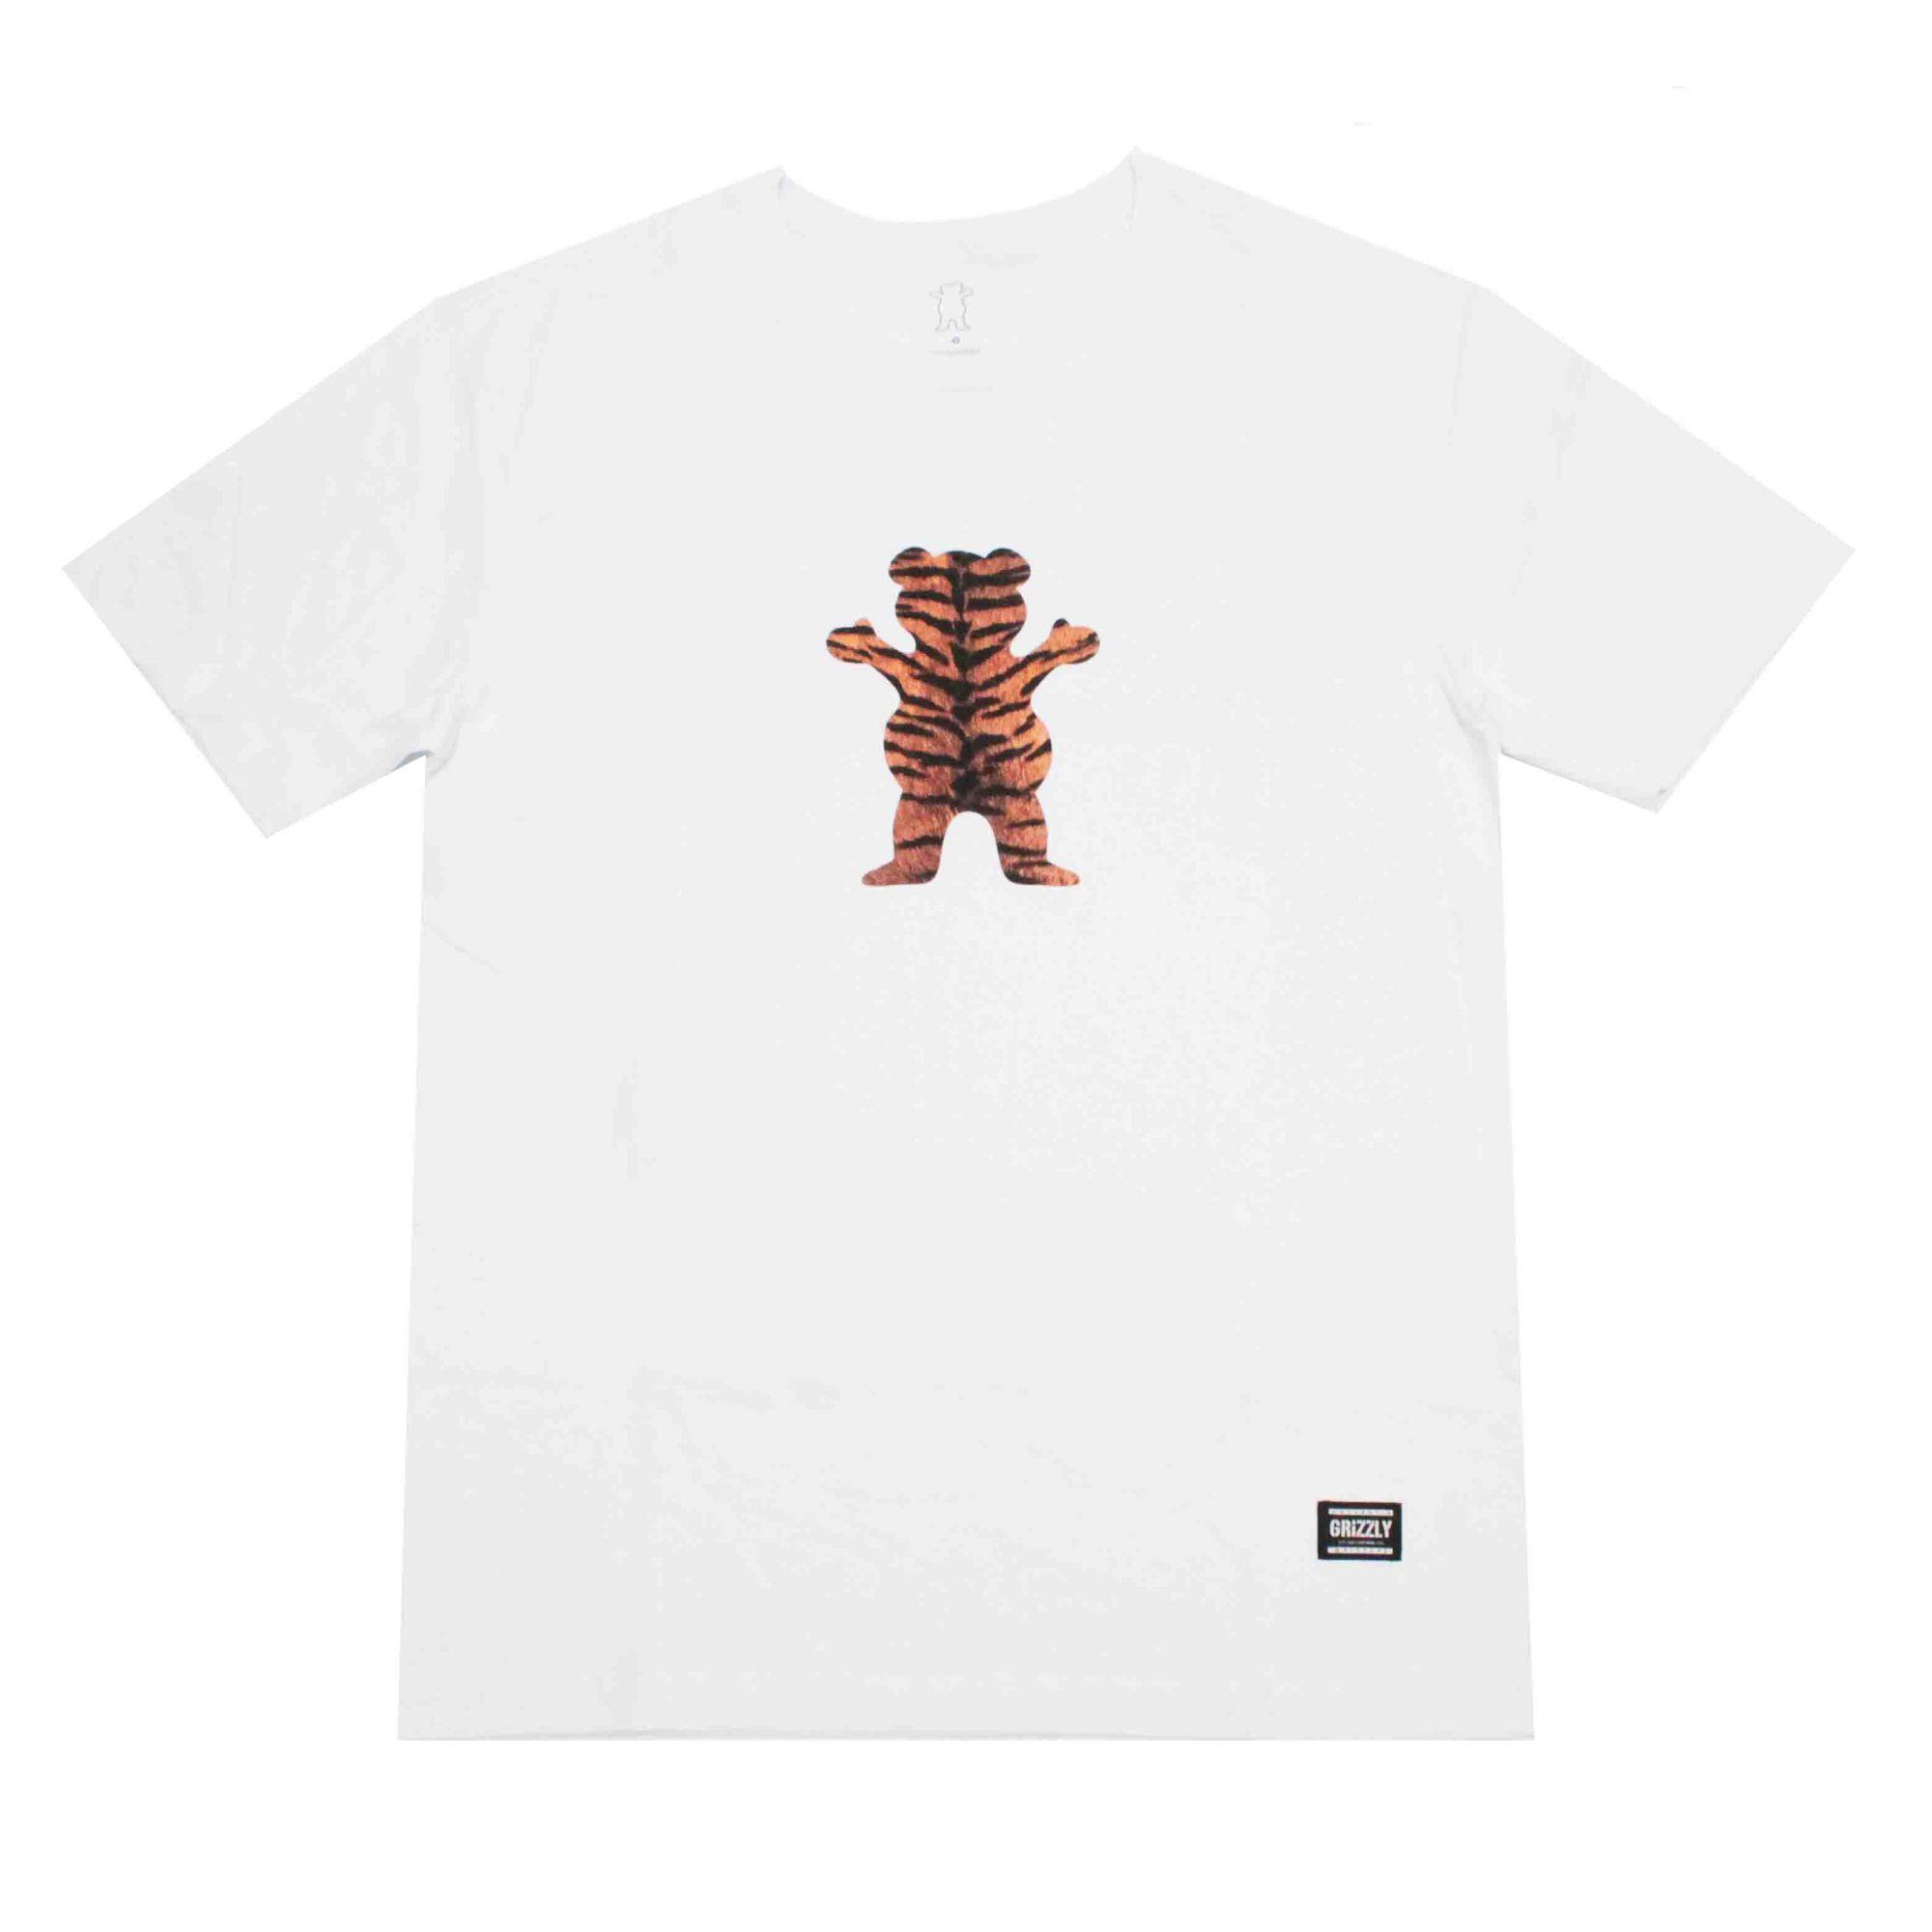 Camiseta Grizzly Tiger Stripe White